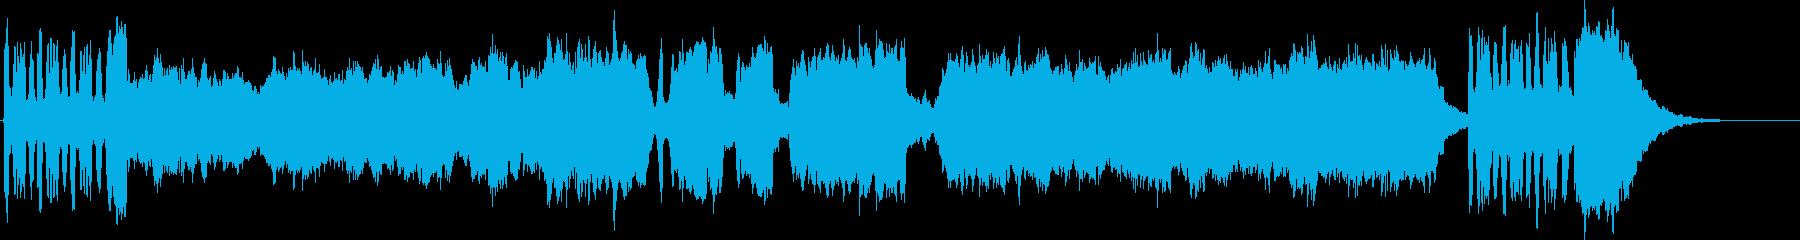 壮大なフルオーケストラのファンファーレの再生済みの波形